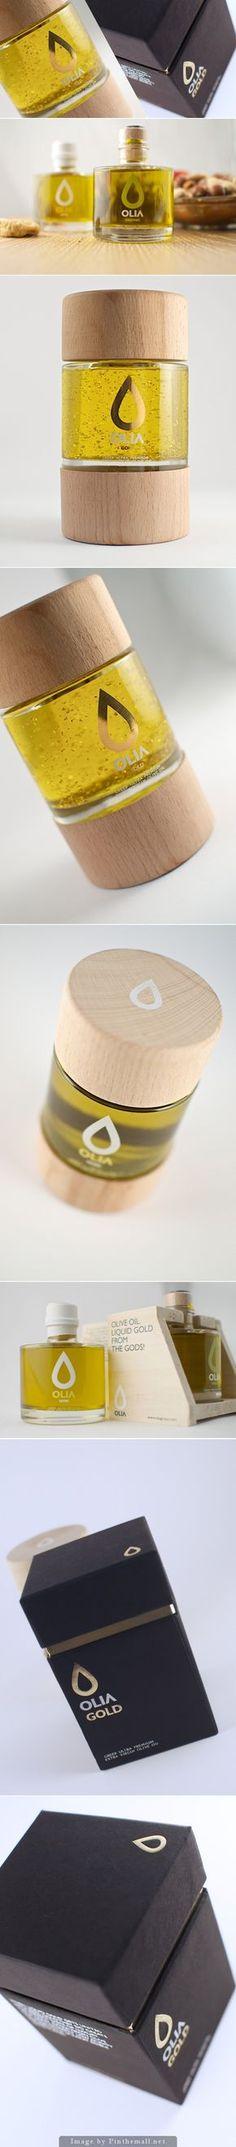 aceite de oliva                                                                                                                                                     Más